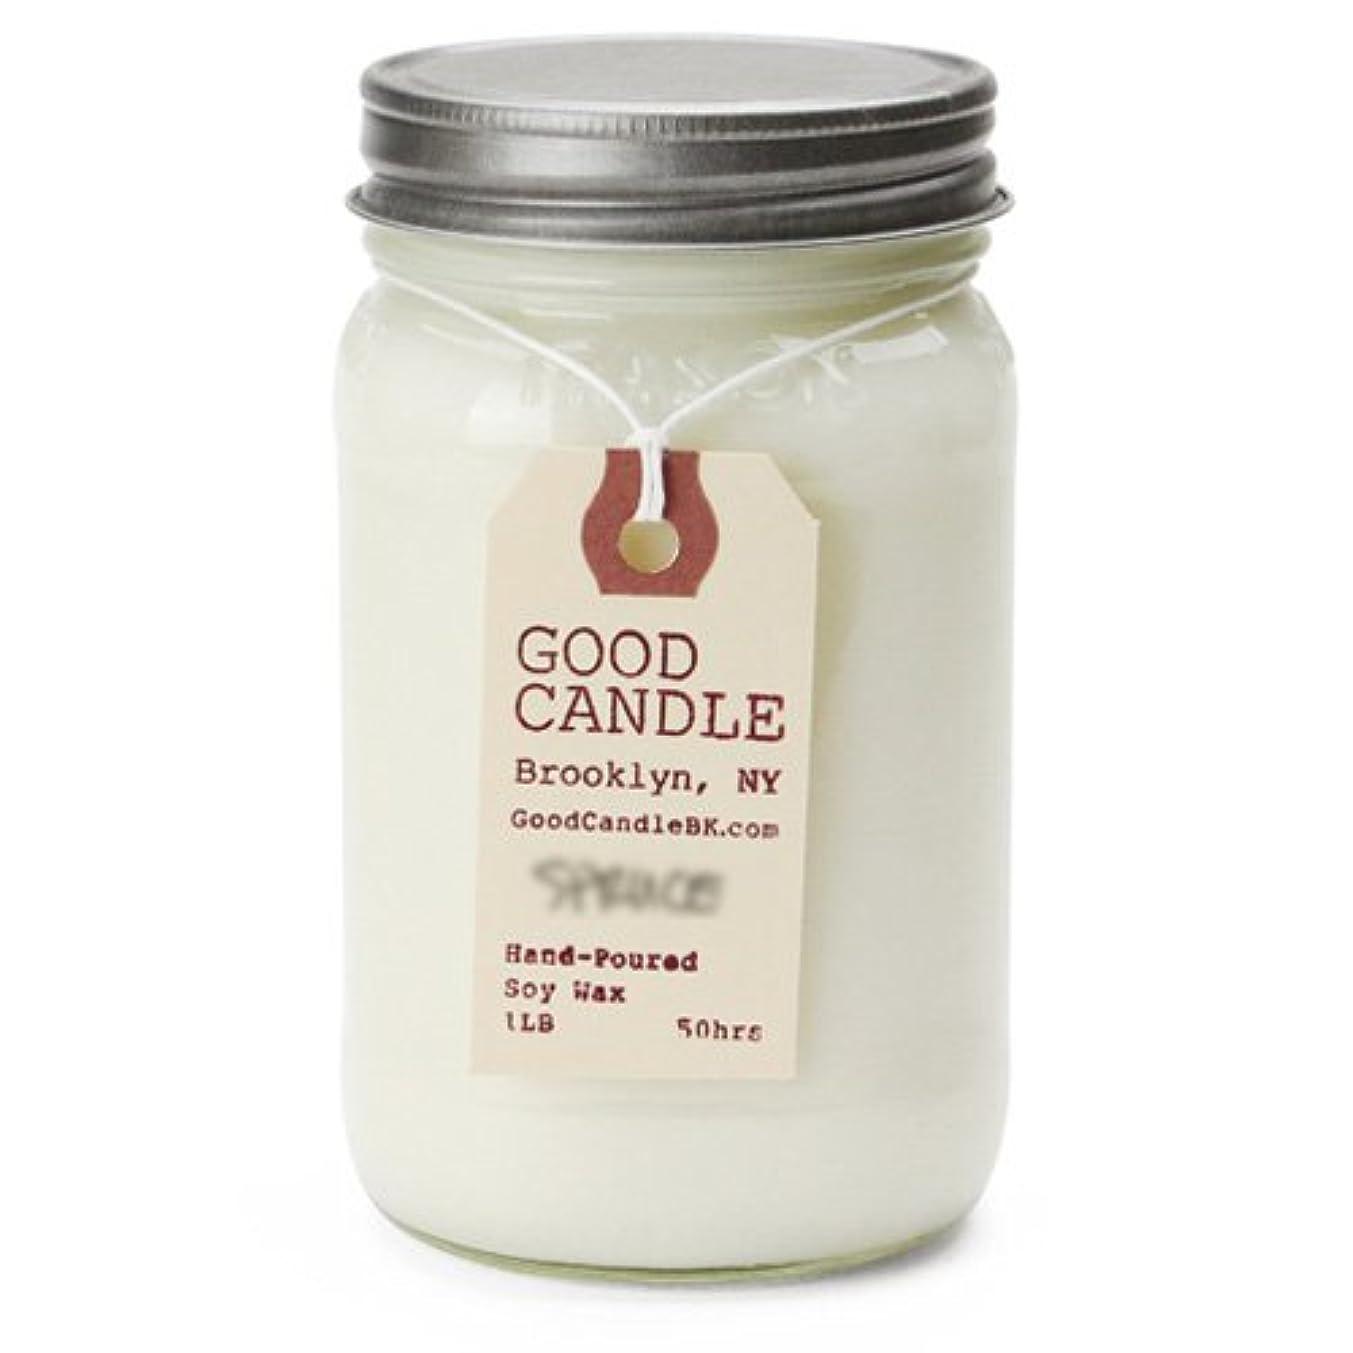 融合牛肉陸軍グッドキャンドル 1ポンド メイソンジャー キャンドル Good Candle 1LB Mason jar candle [ Camp fire ] 正規品